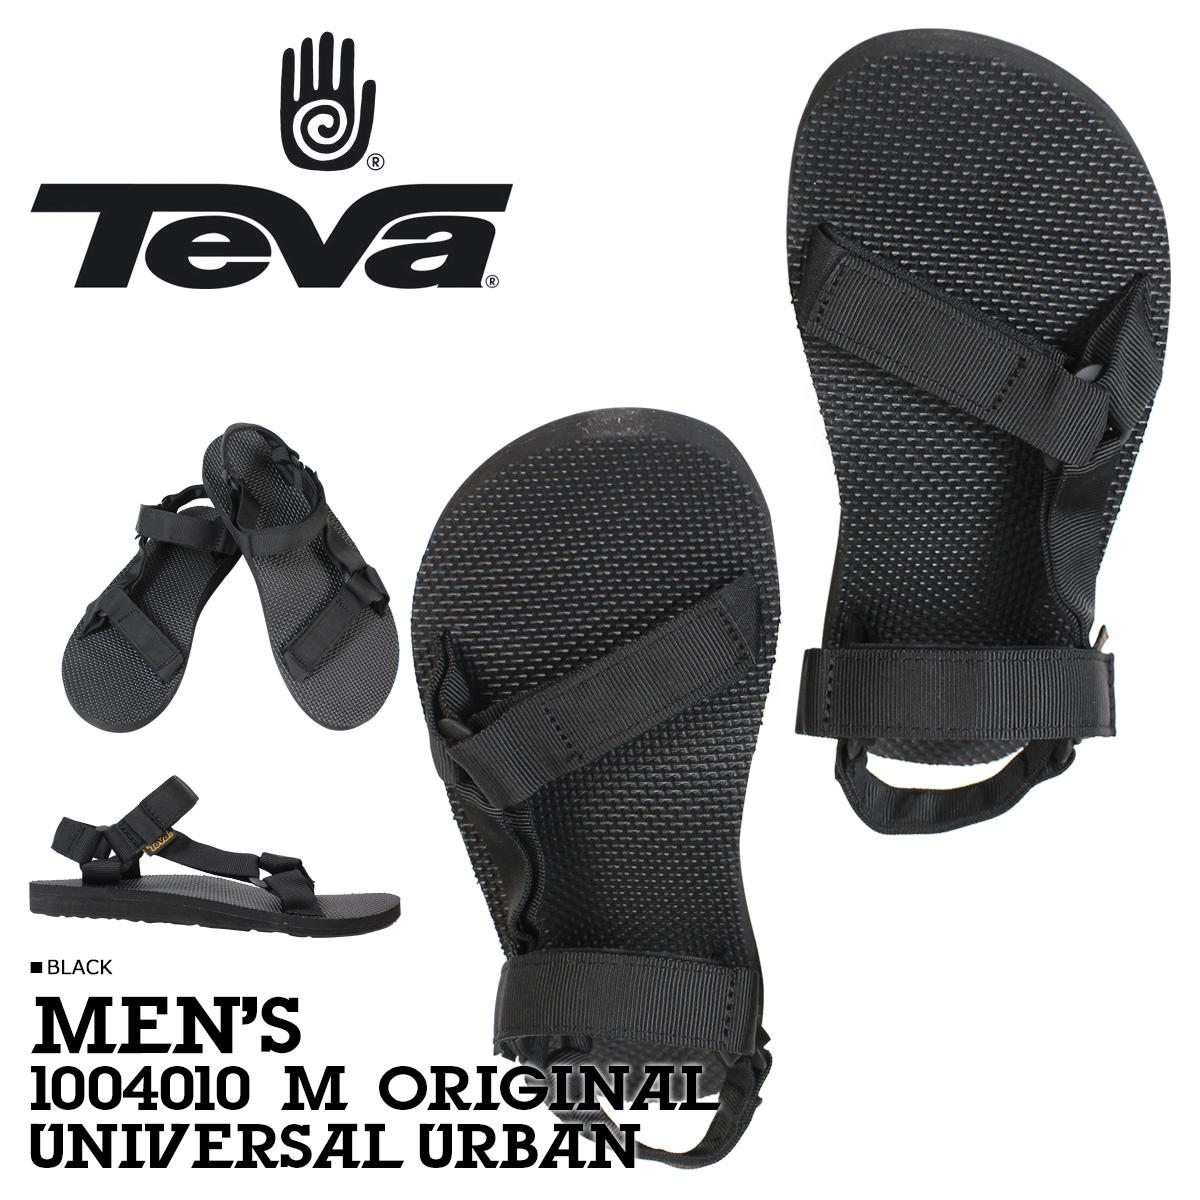 Teva テバ サンダル オリジナル ユニバーサル アーバン メンズ M ORIGINAL UNIVERSAL URBAN 1004010 別注